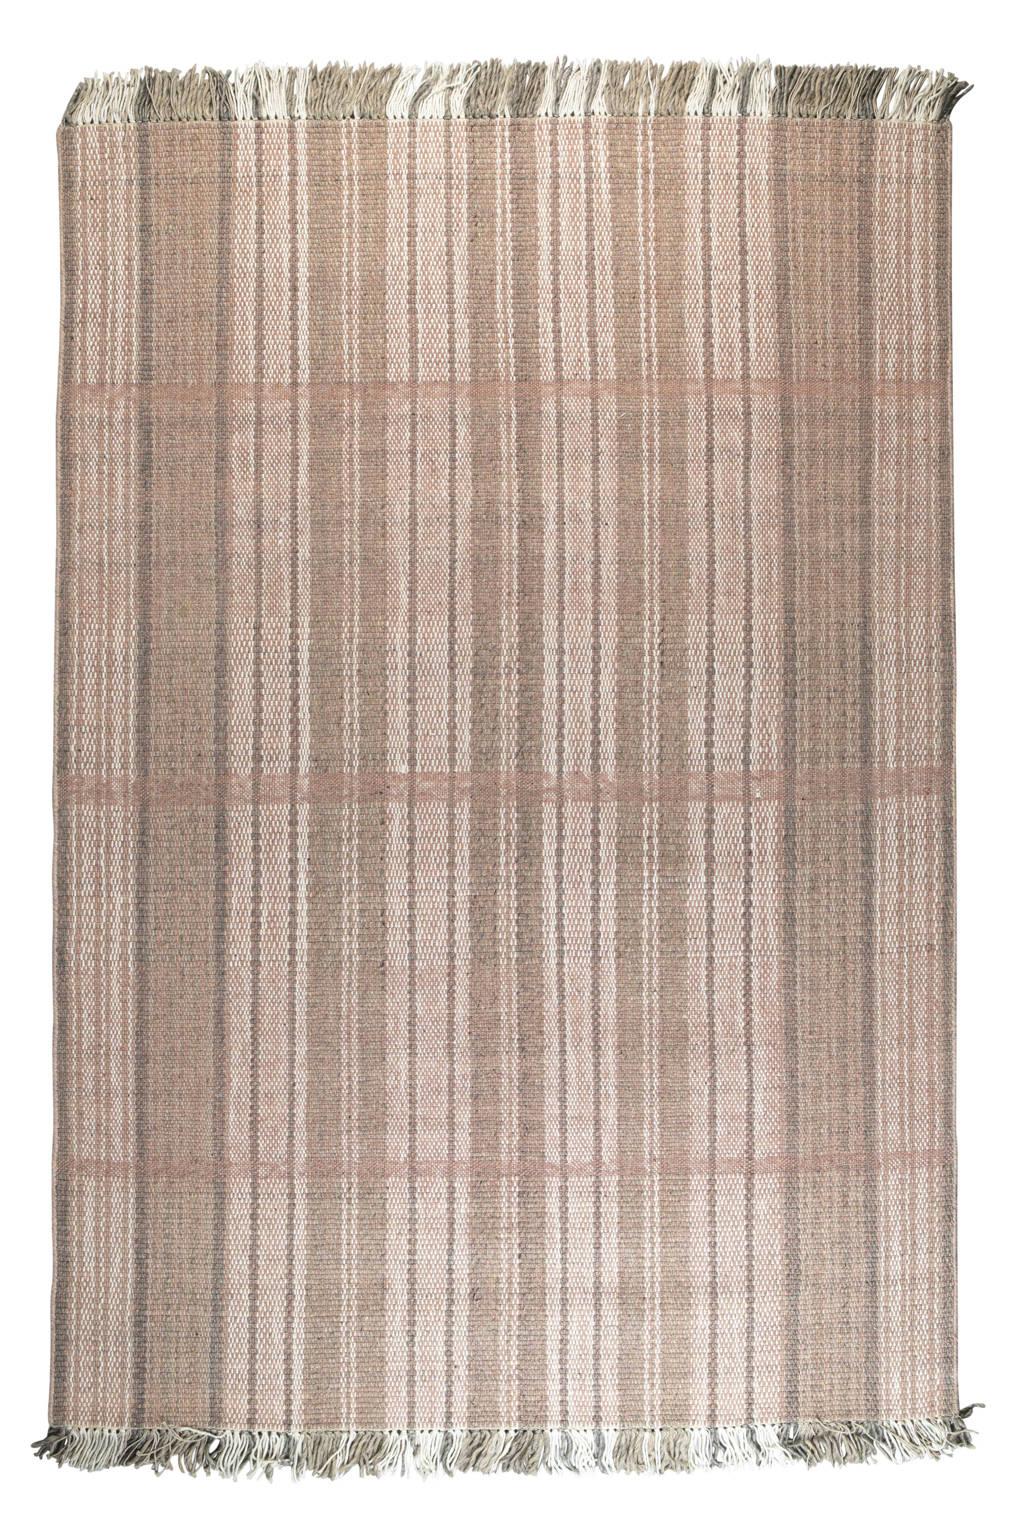 Zuiver vloerkleed  (230x160 cm), Nude